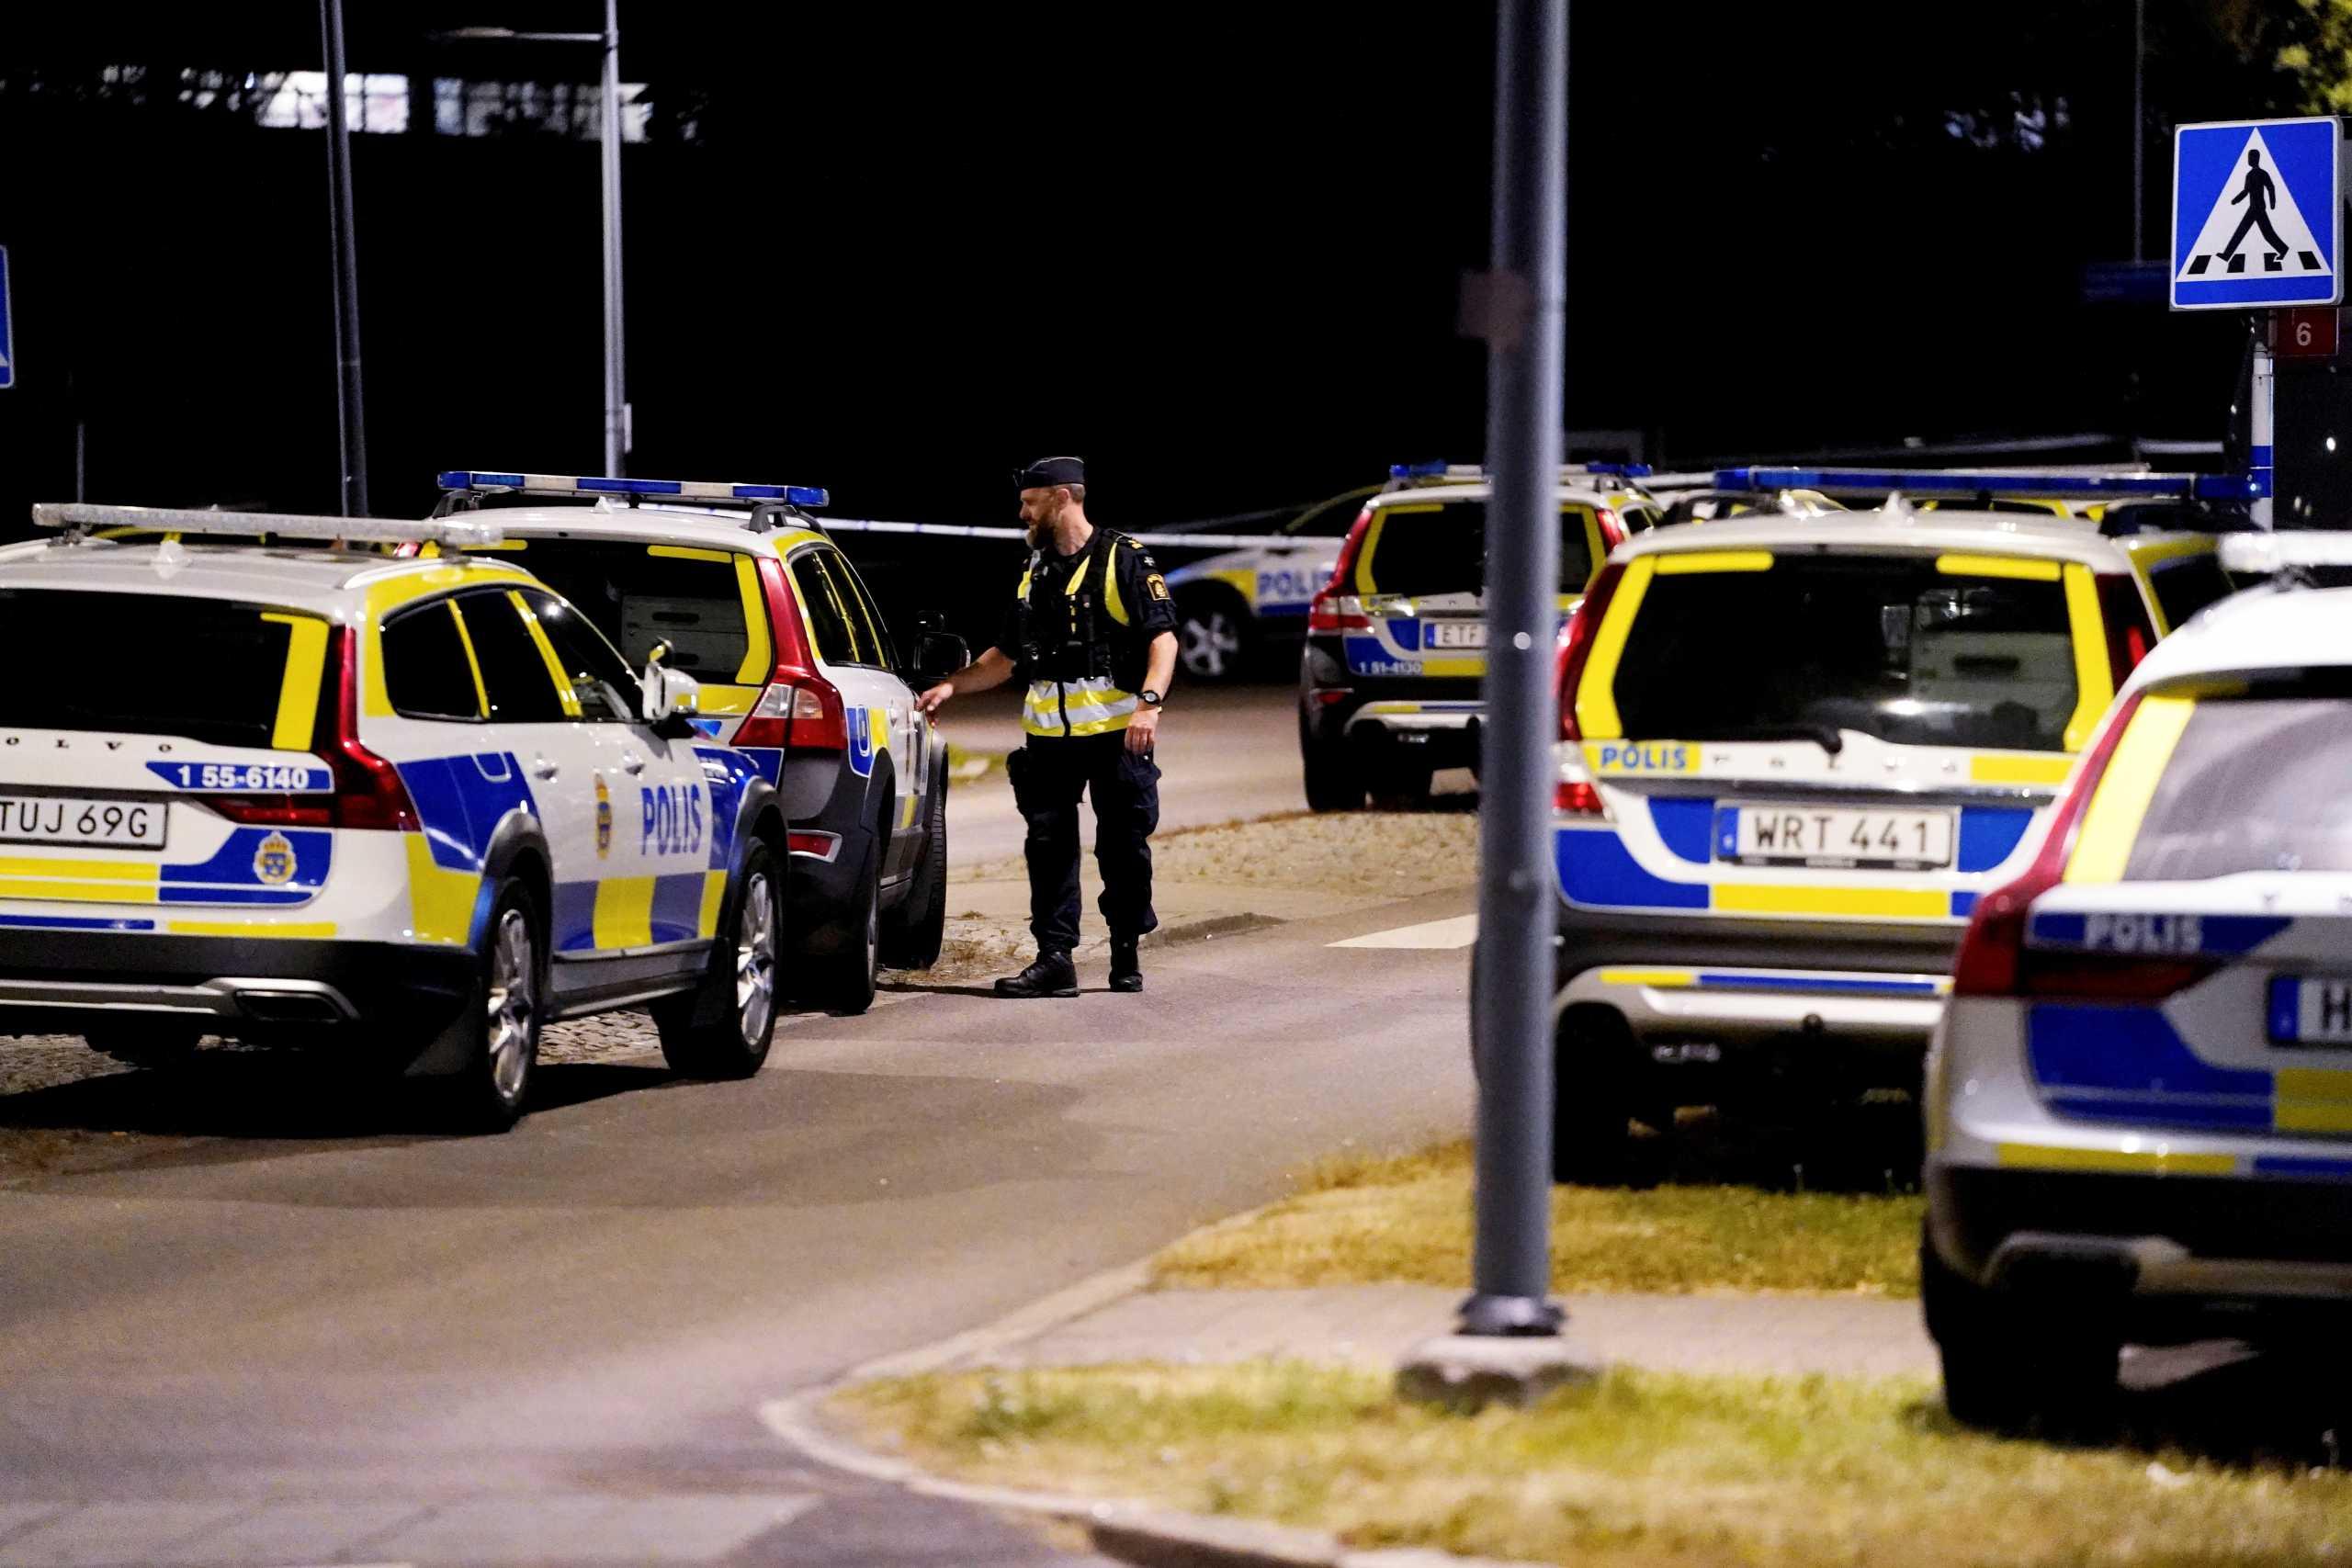 Σουηδία: Έπεσε αεροσκάφος με εννέα επιβαίνοντες